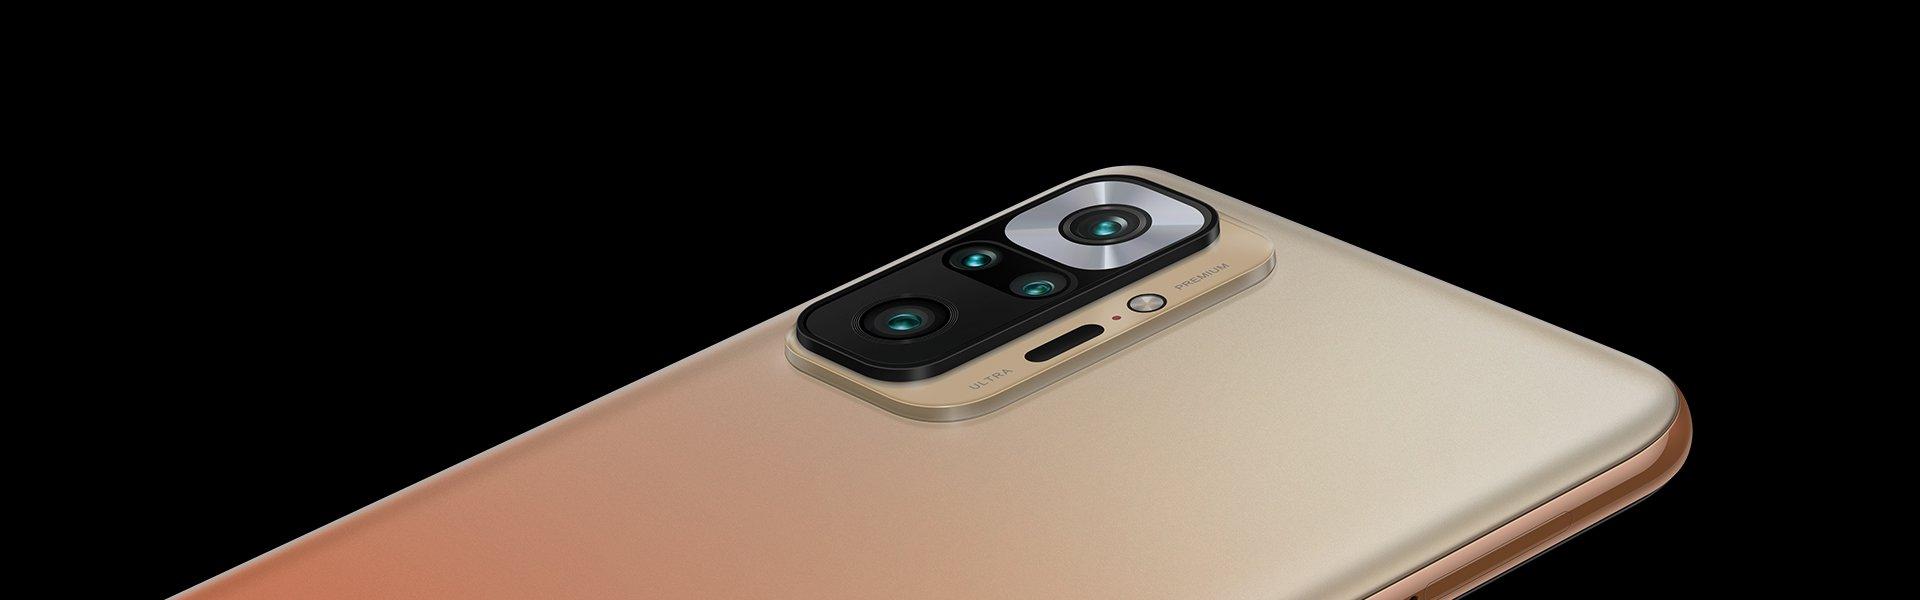 El Redmi Note 10 Pro viene a reinar en la gama media con un sensor de 108 megapíxeles como protagonista y una batería al nivel de los terminales flagship